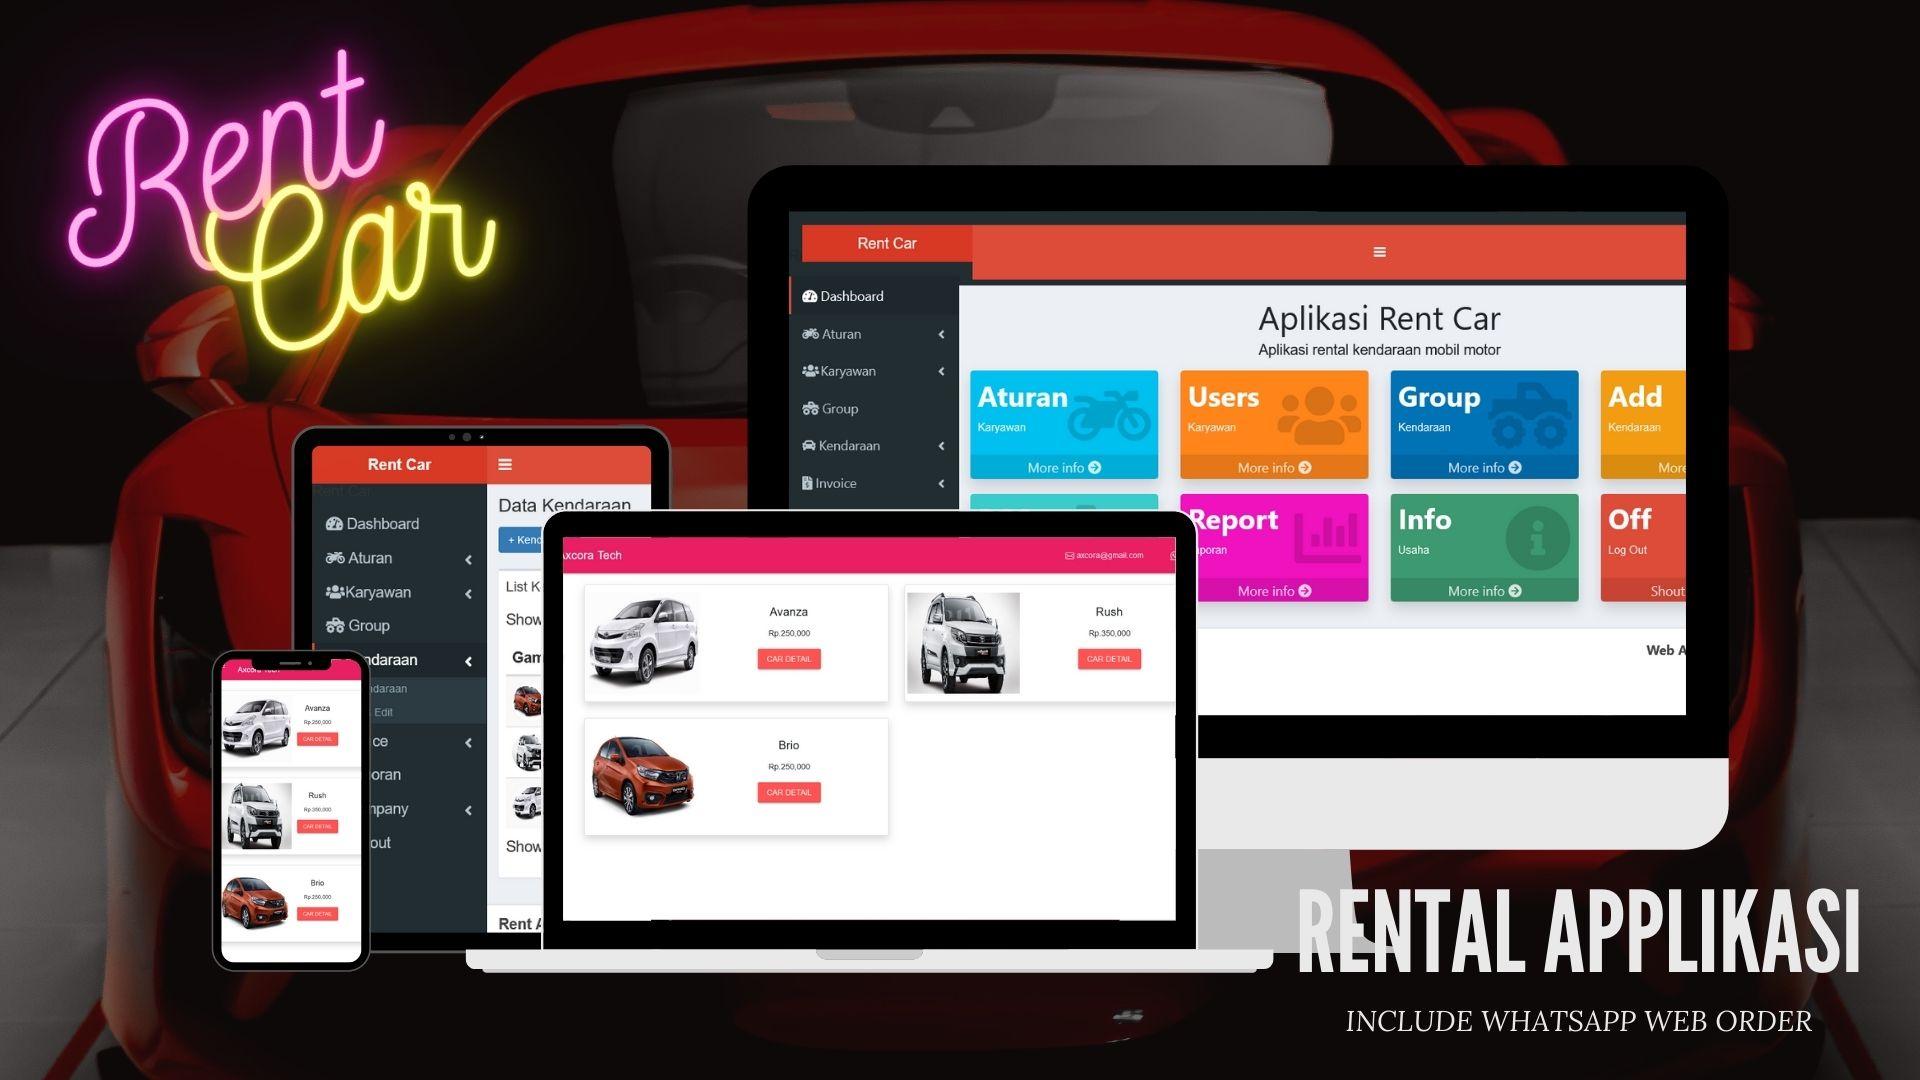 Pembuatan website aplikasi rental kendaraan rent car